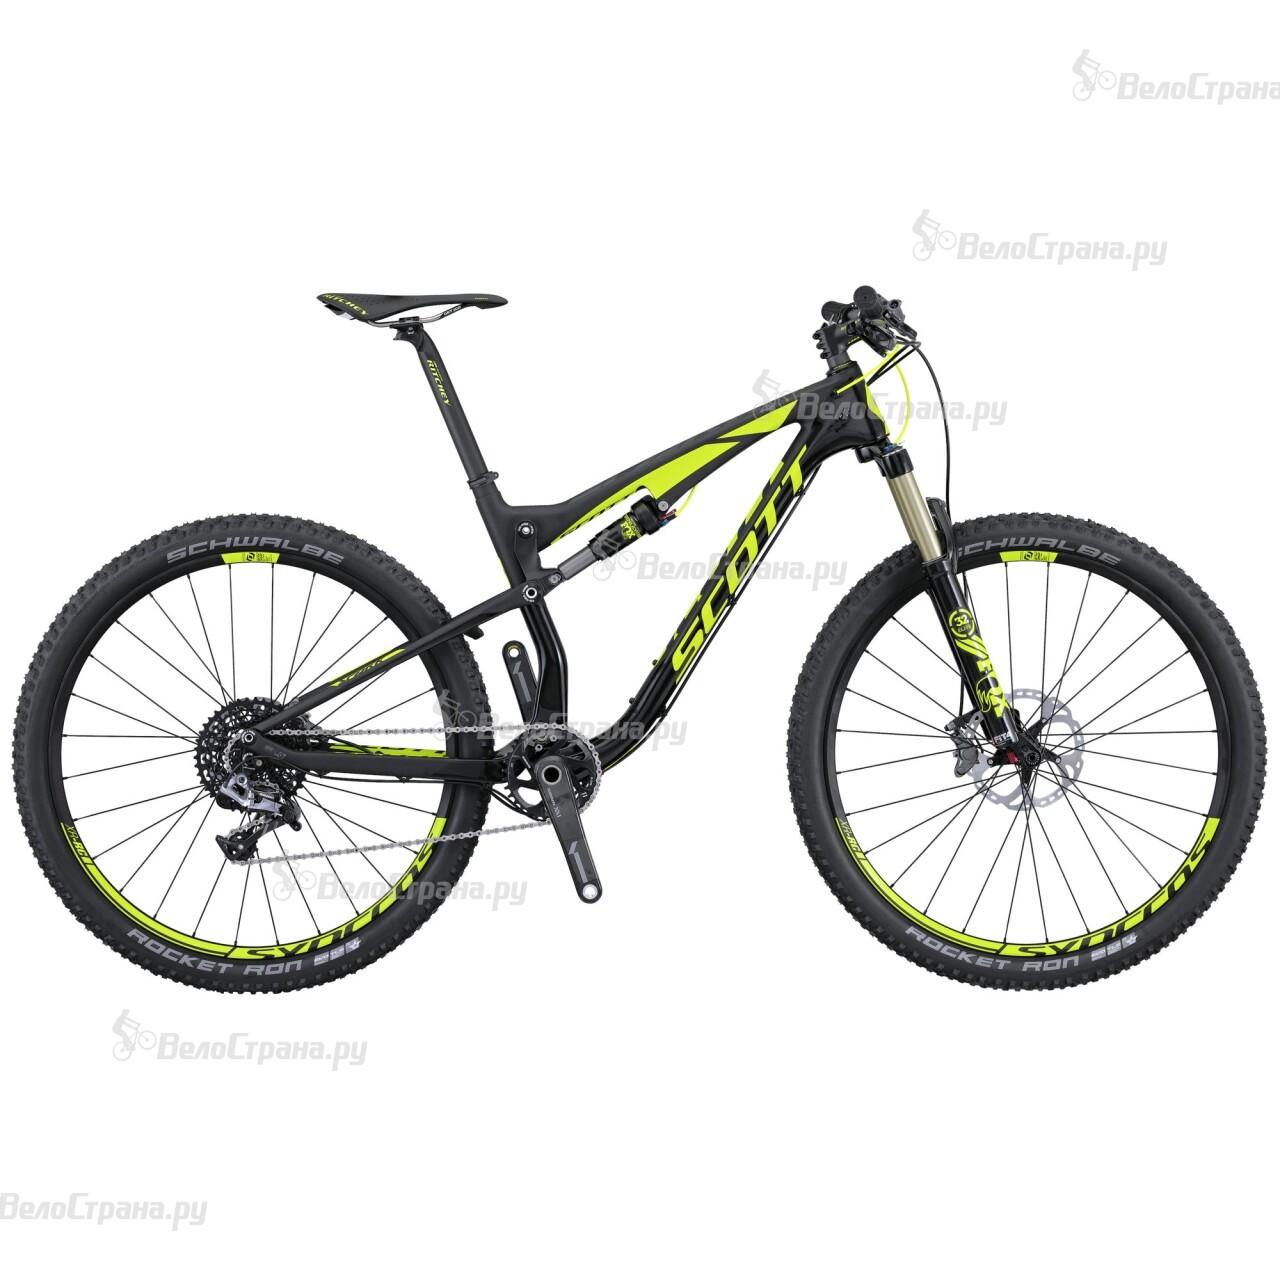 Велосипед Scott Spark 700 RC (2016) велосипед scott contessa spark 700 rc 2016